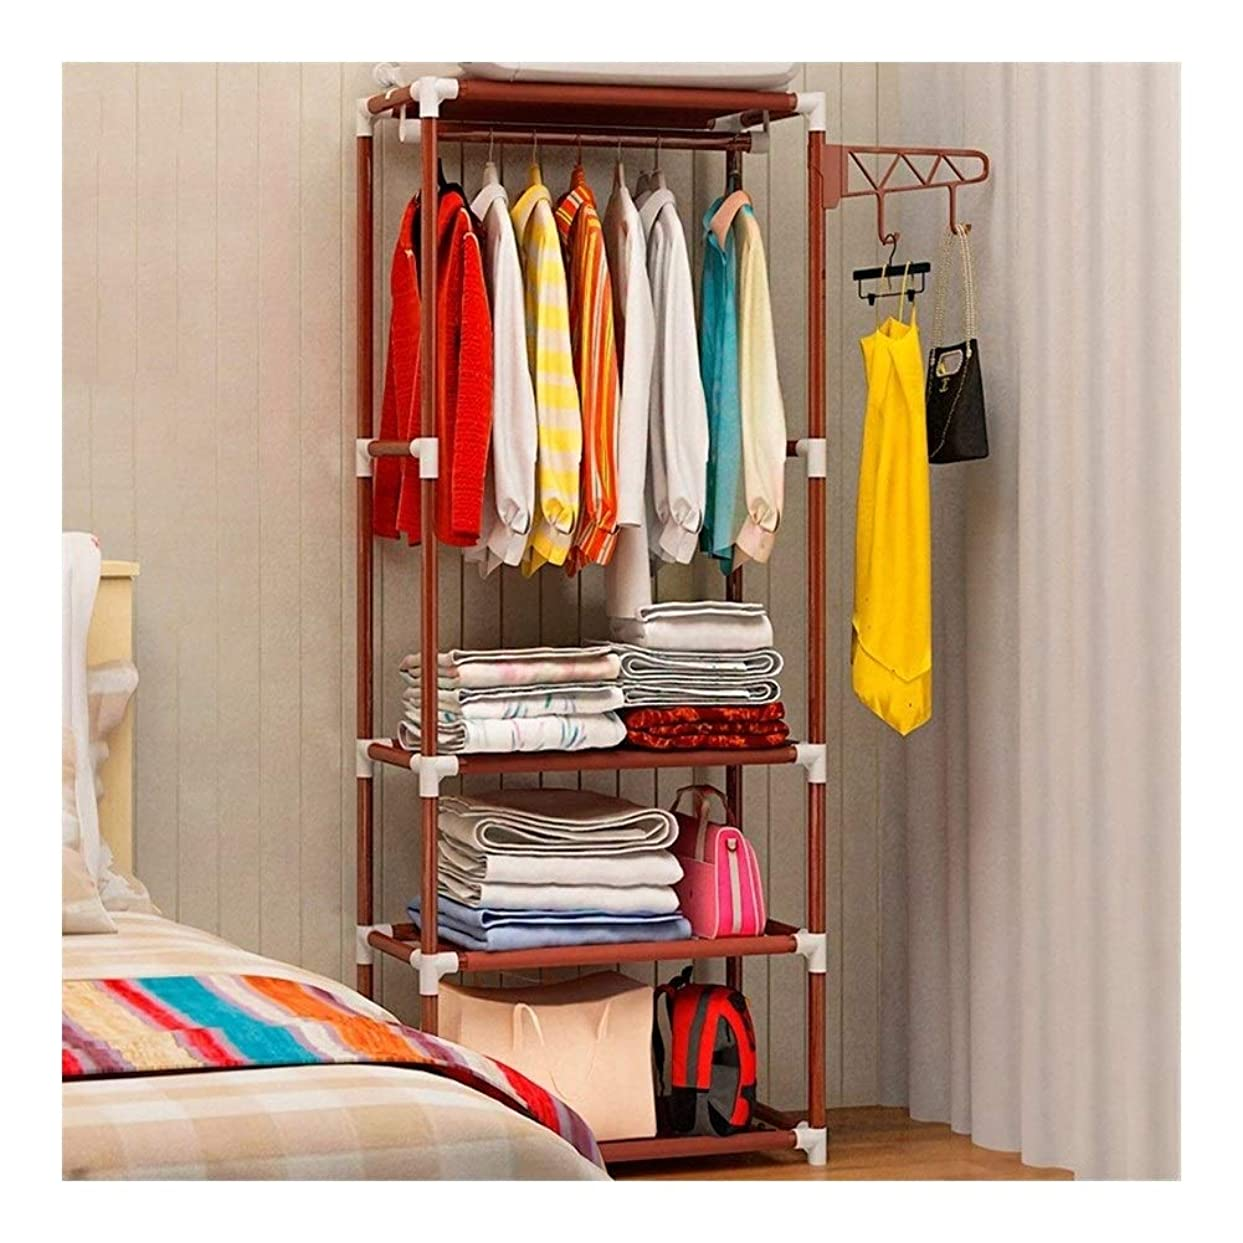 呼び起こすレバー収納棚ハンガーラック寝室用家具ハンギングラック (Color : 1)